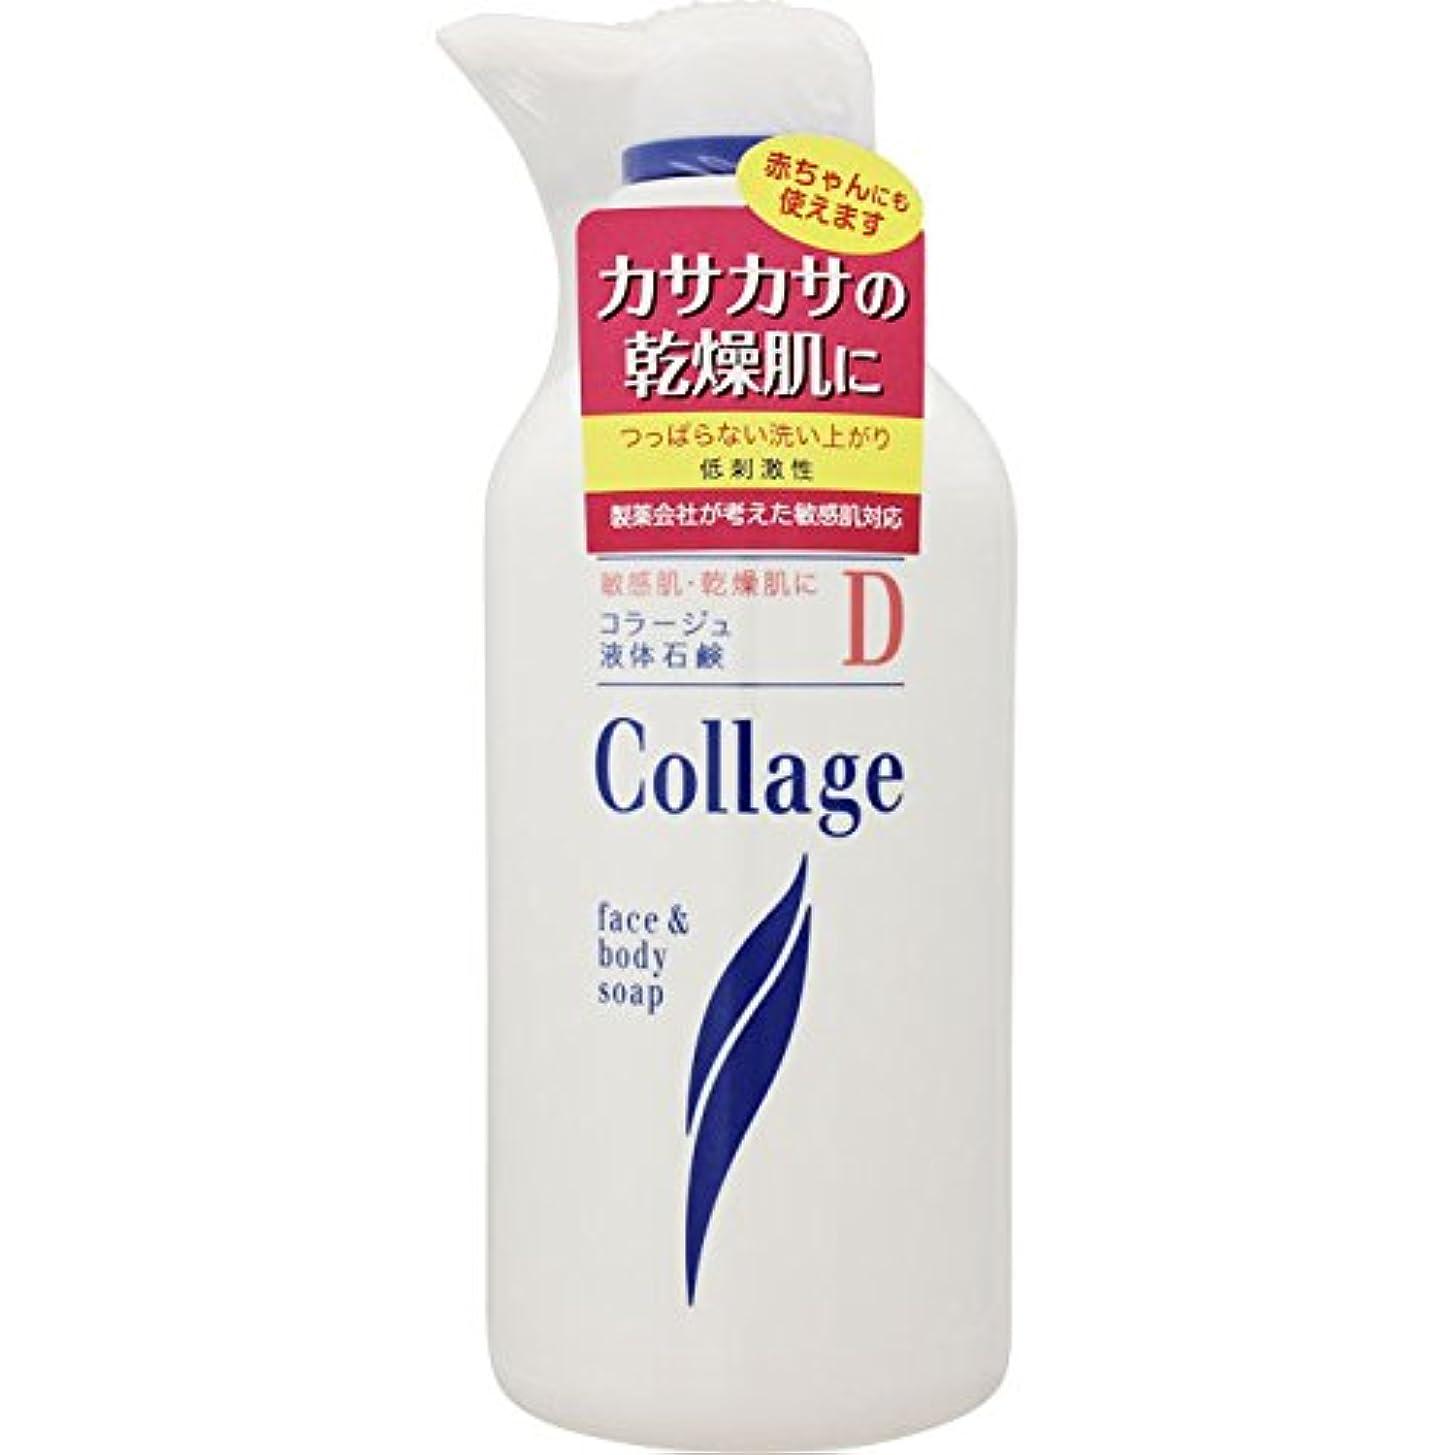 入場発言する時計回り持田ヘルスケア コラージュD液体石鹸 400ml